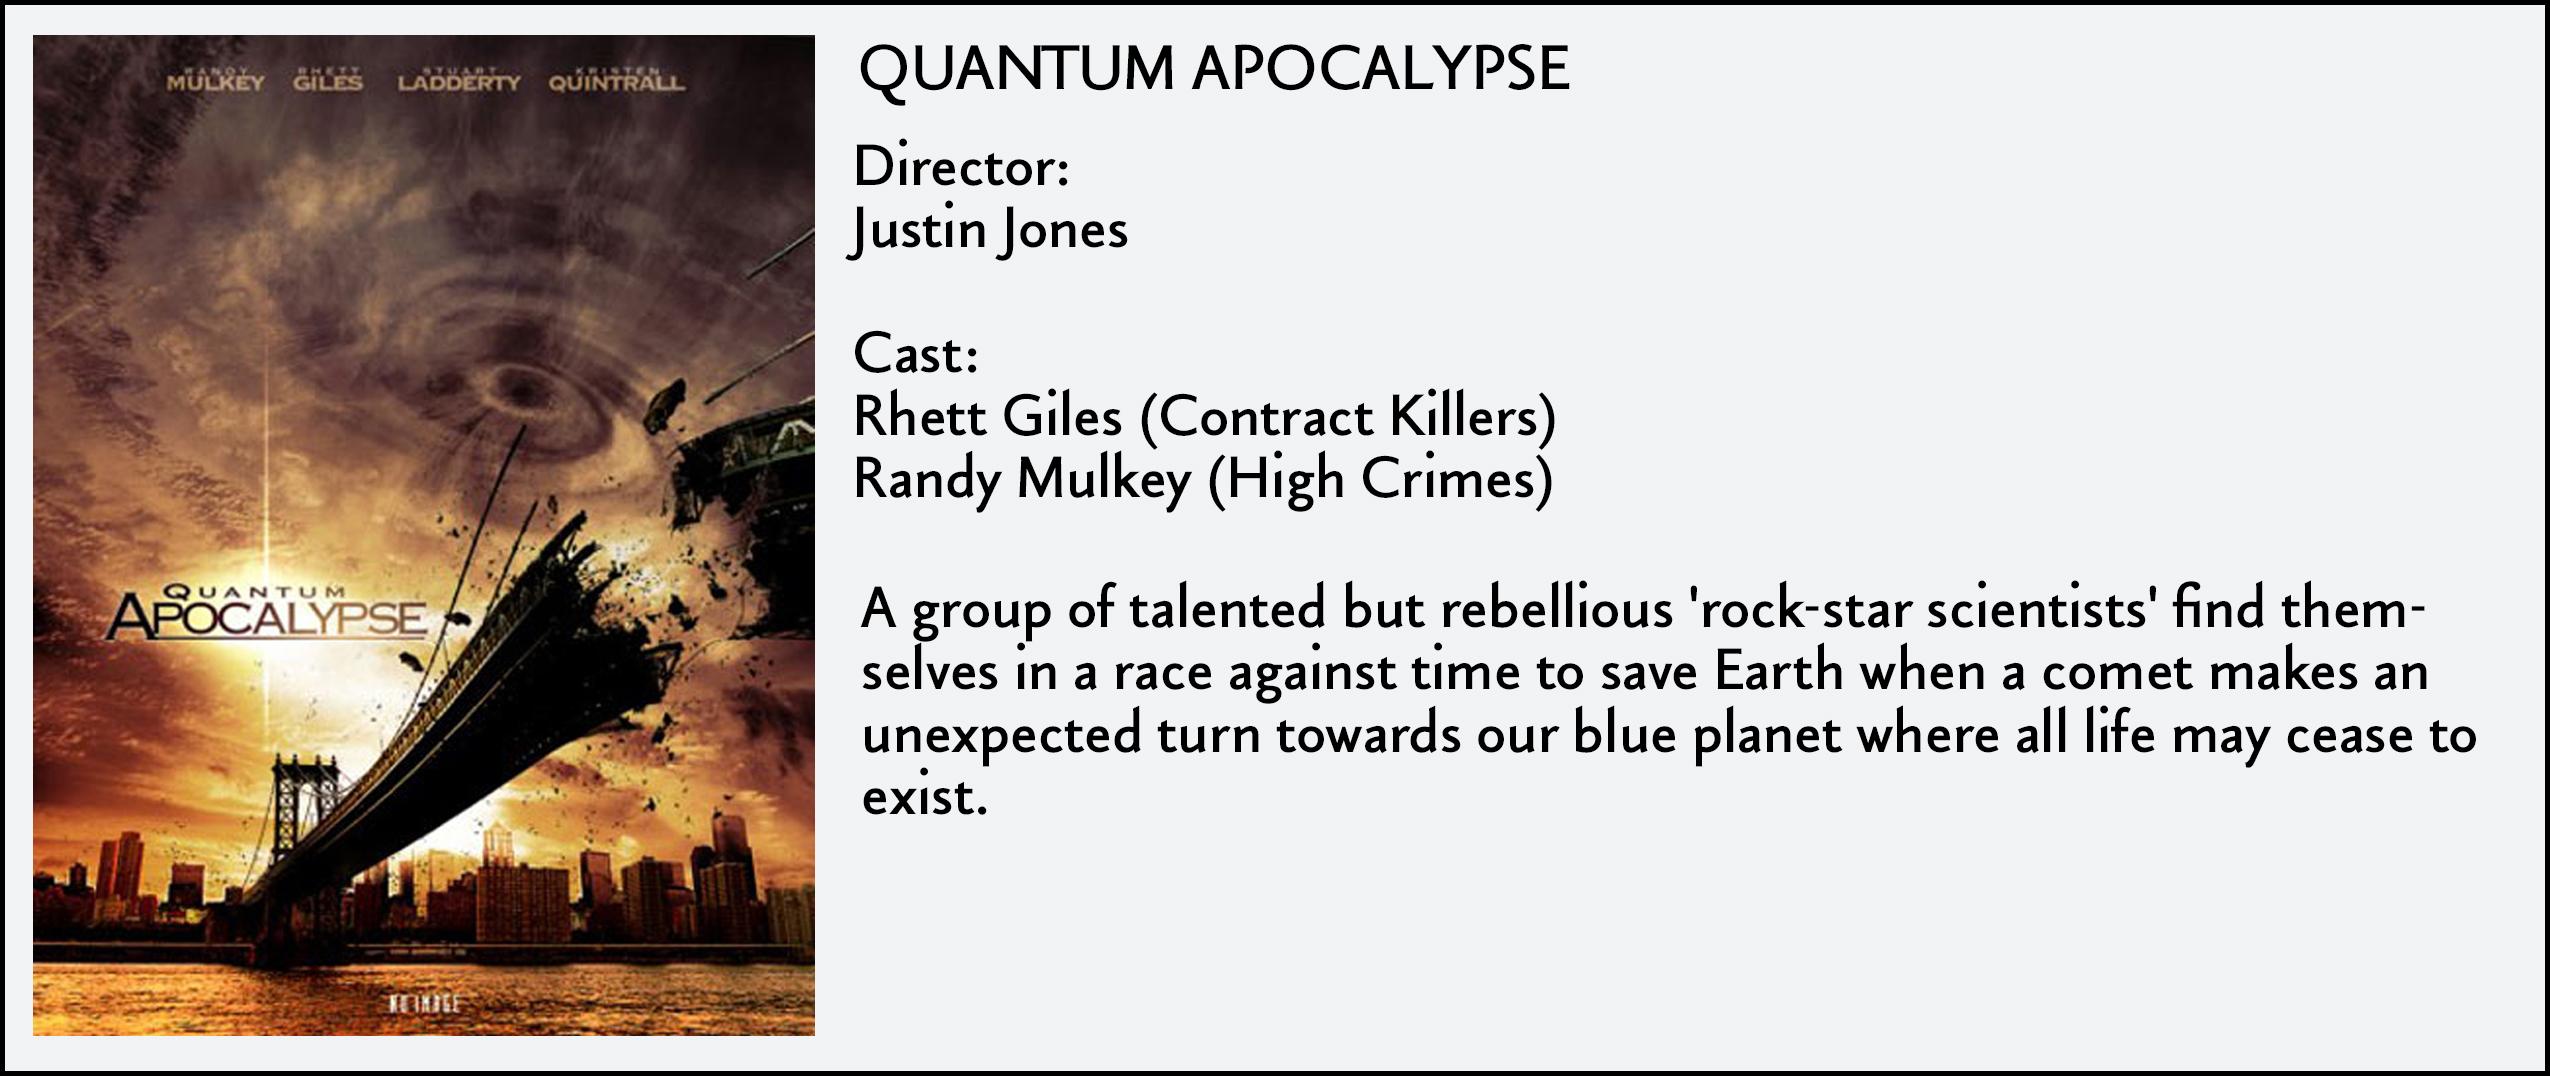 Quantum Apocolypse